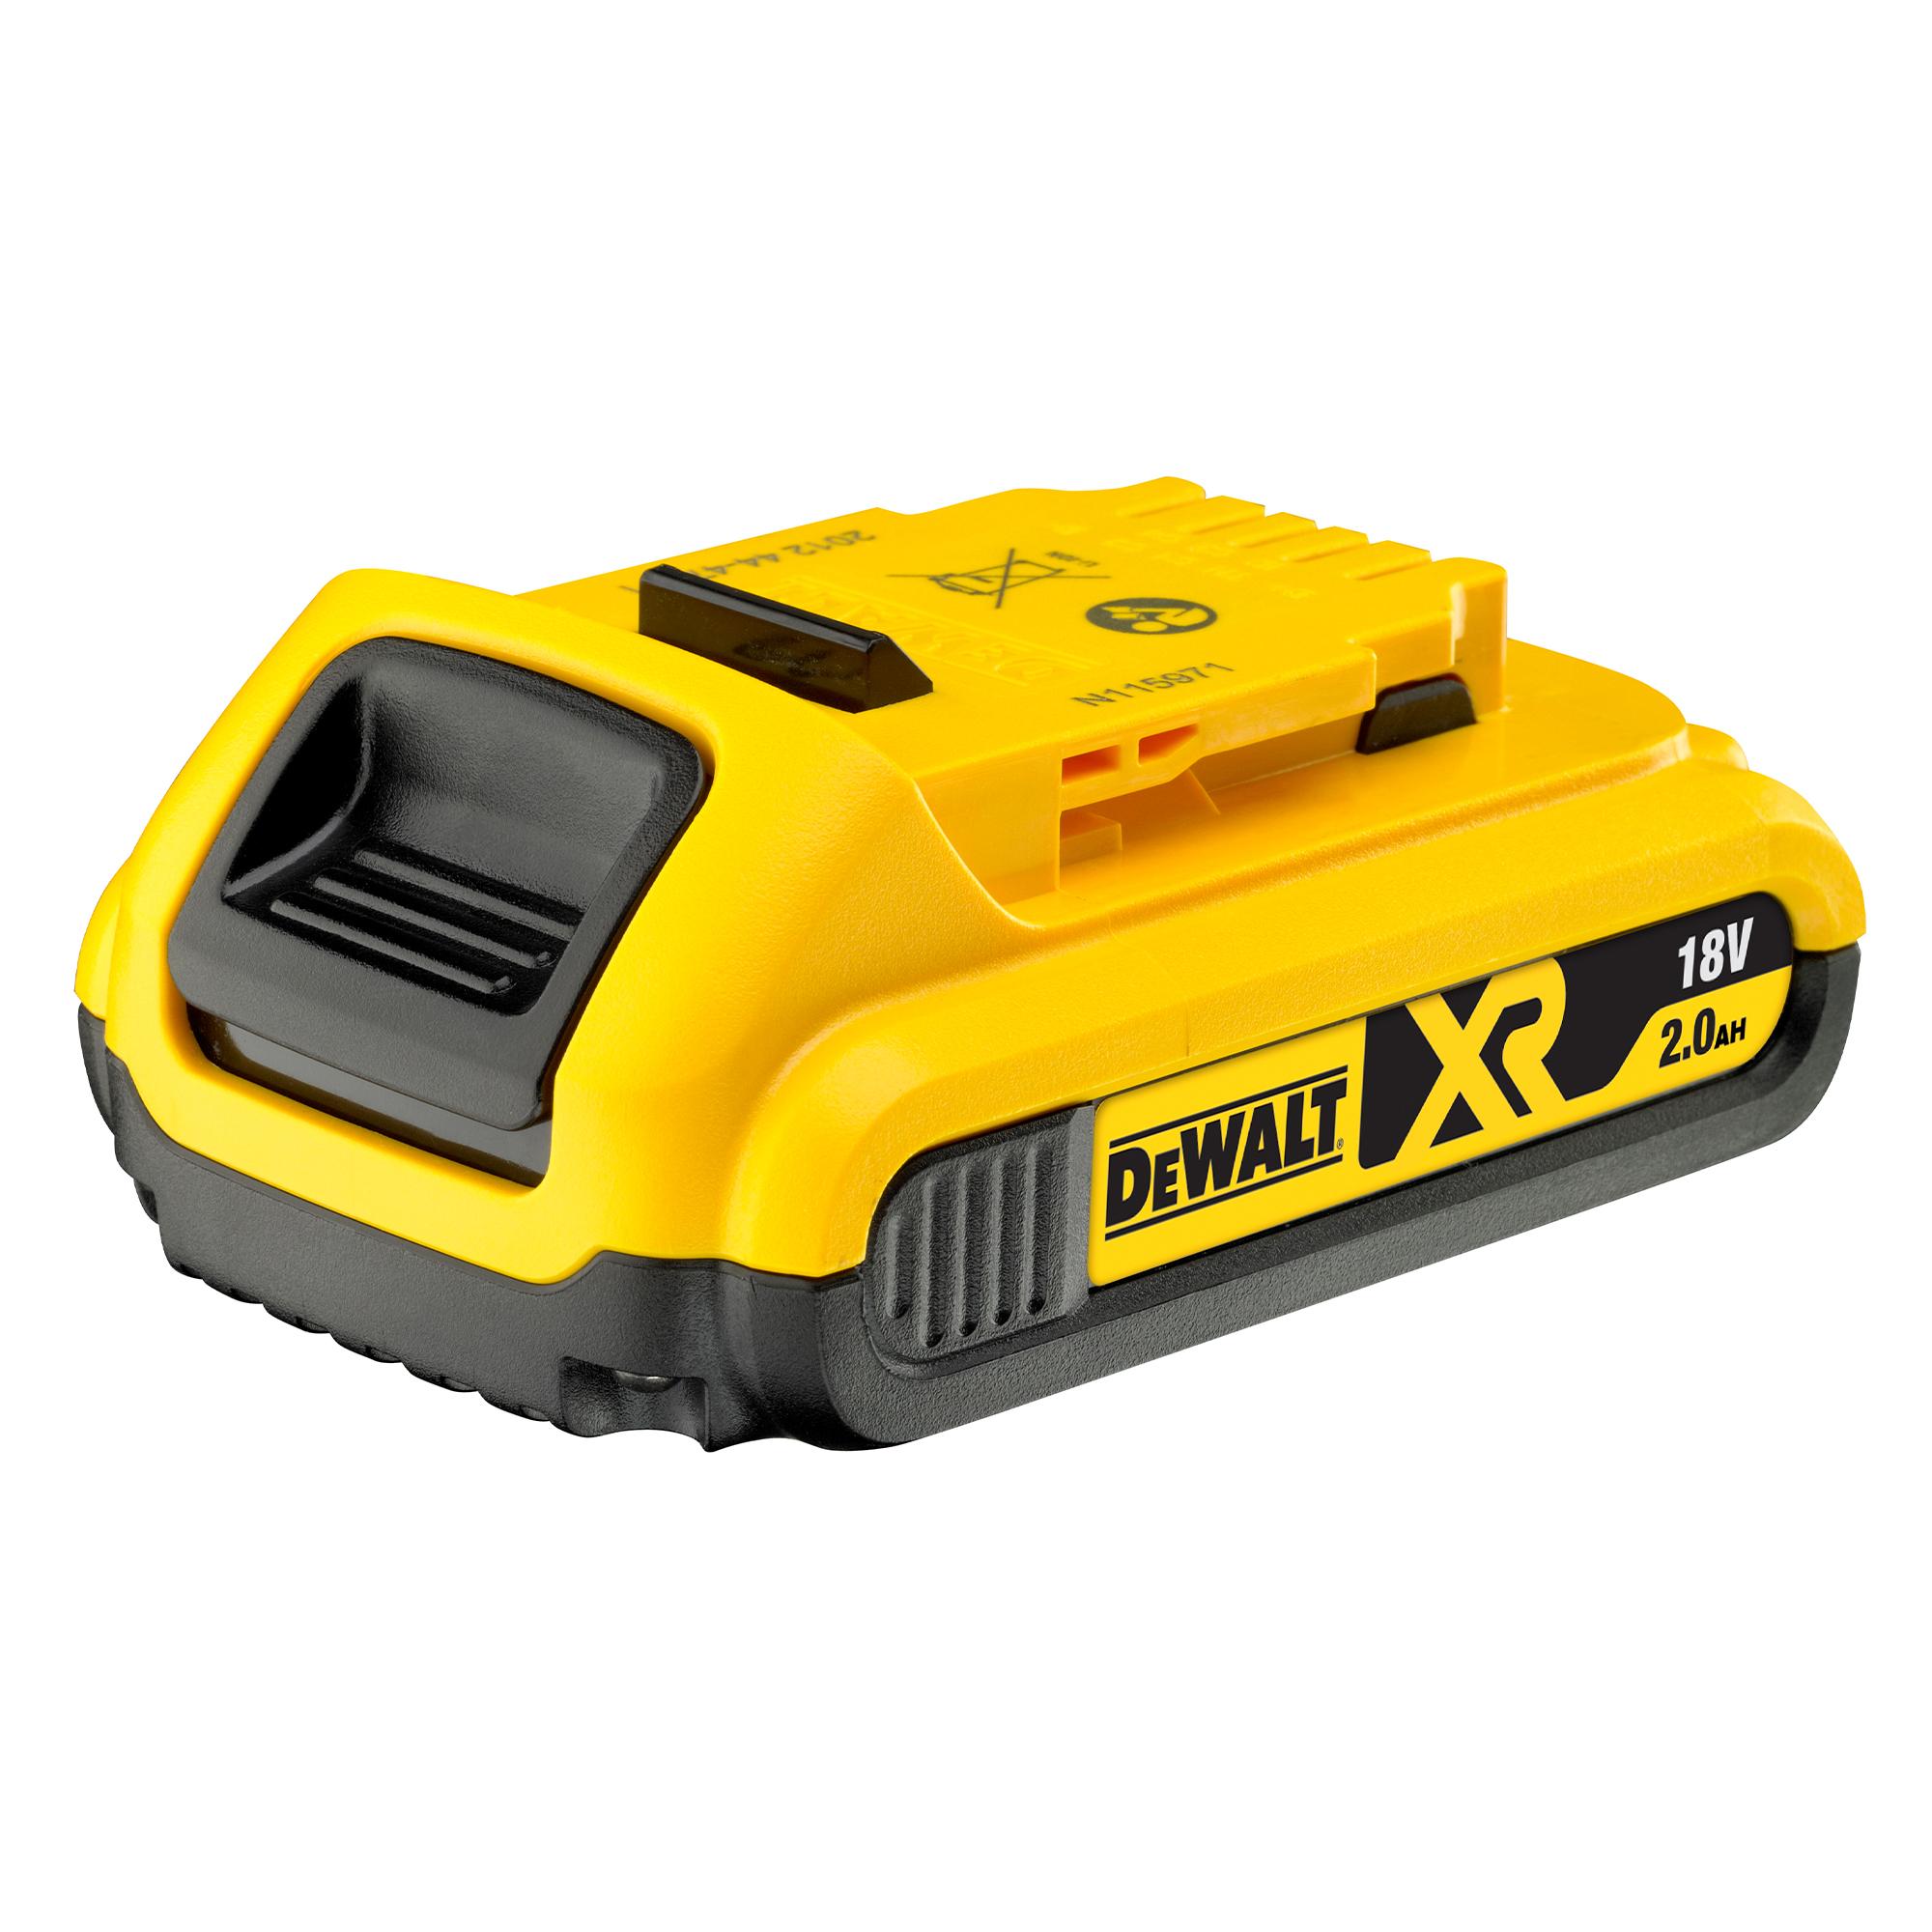 Dewalt DCB183 18V 2.0Ah XR Li-ion Slide-on Battery £23.99 + £5 delivery @ ITS